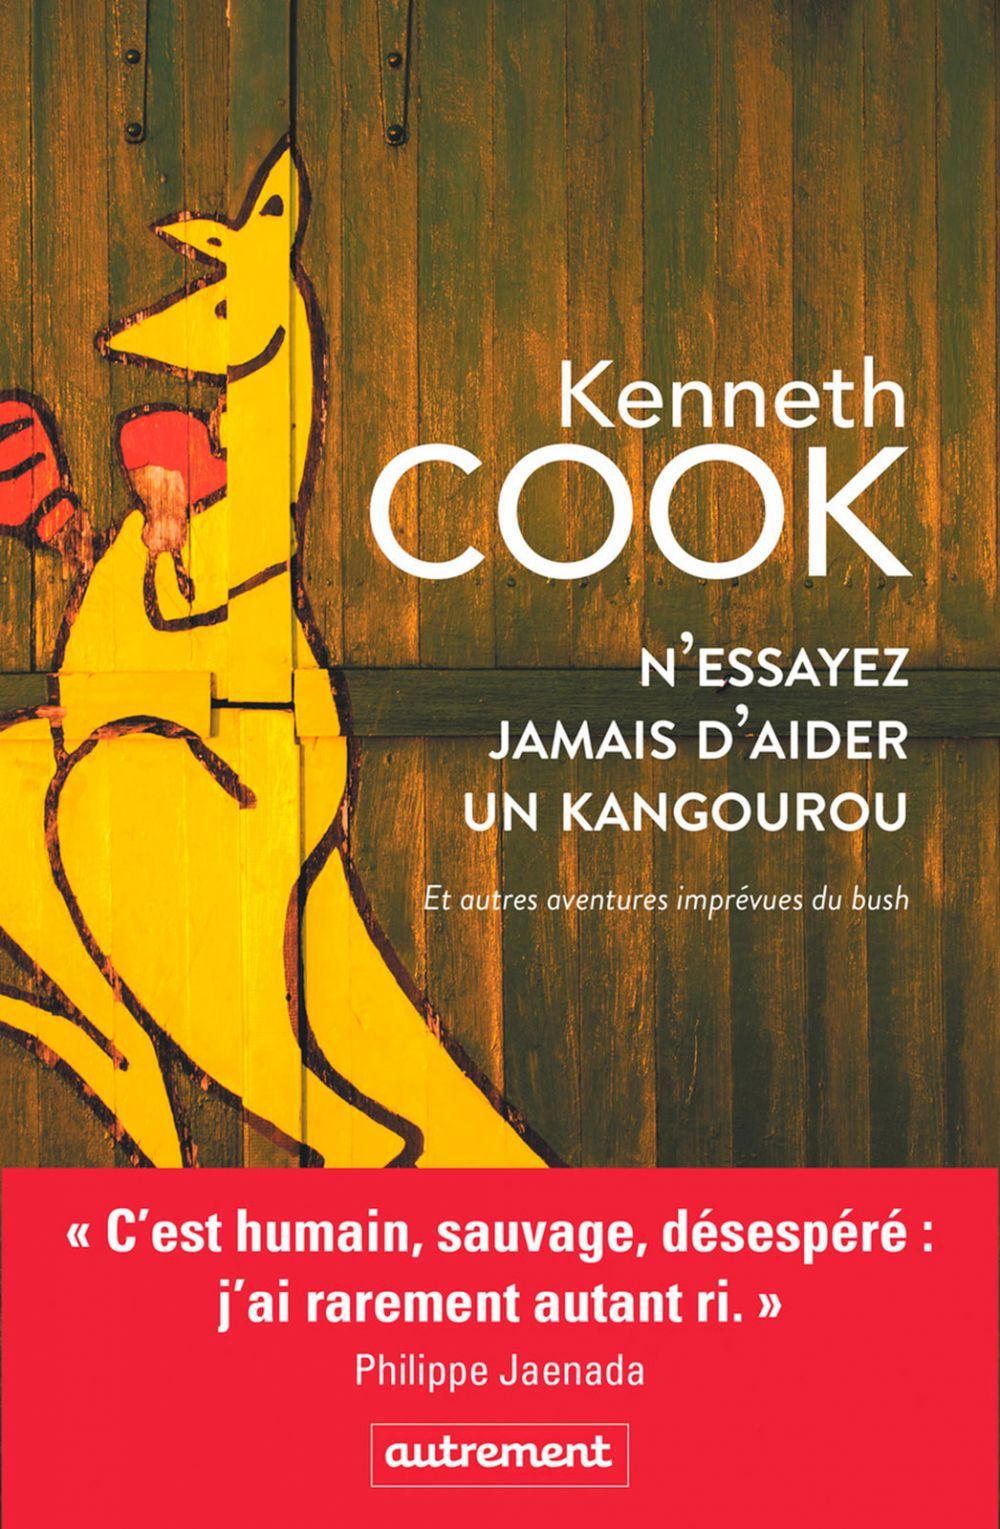 N'essayez jamais d'aider un kangourou et autres aventures imprévues du bush   Cook, Kenneth